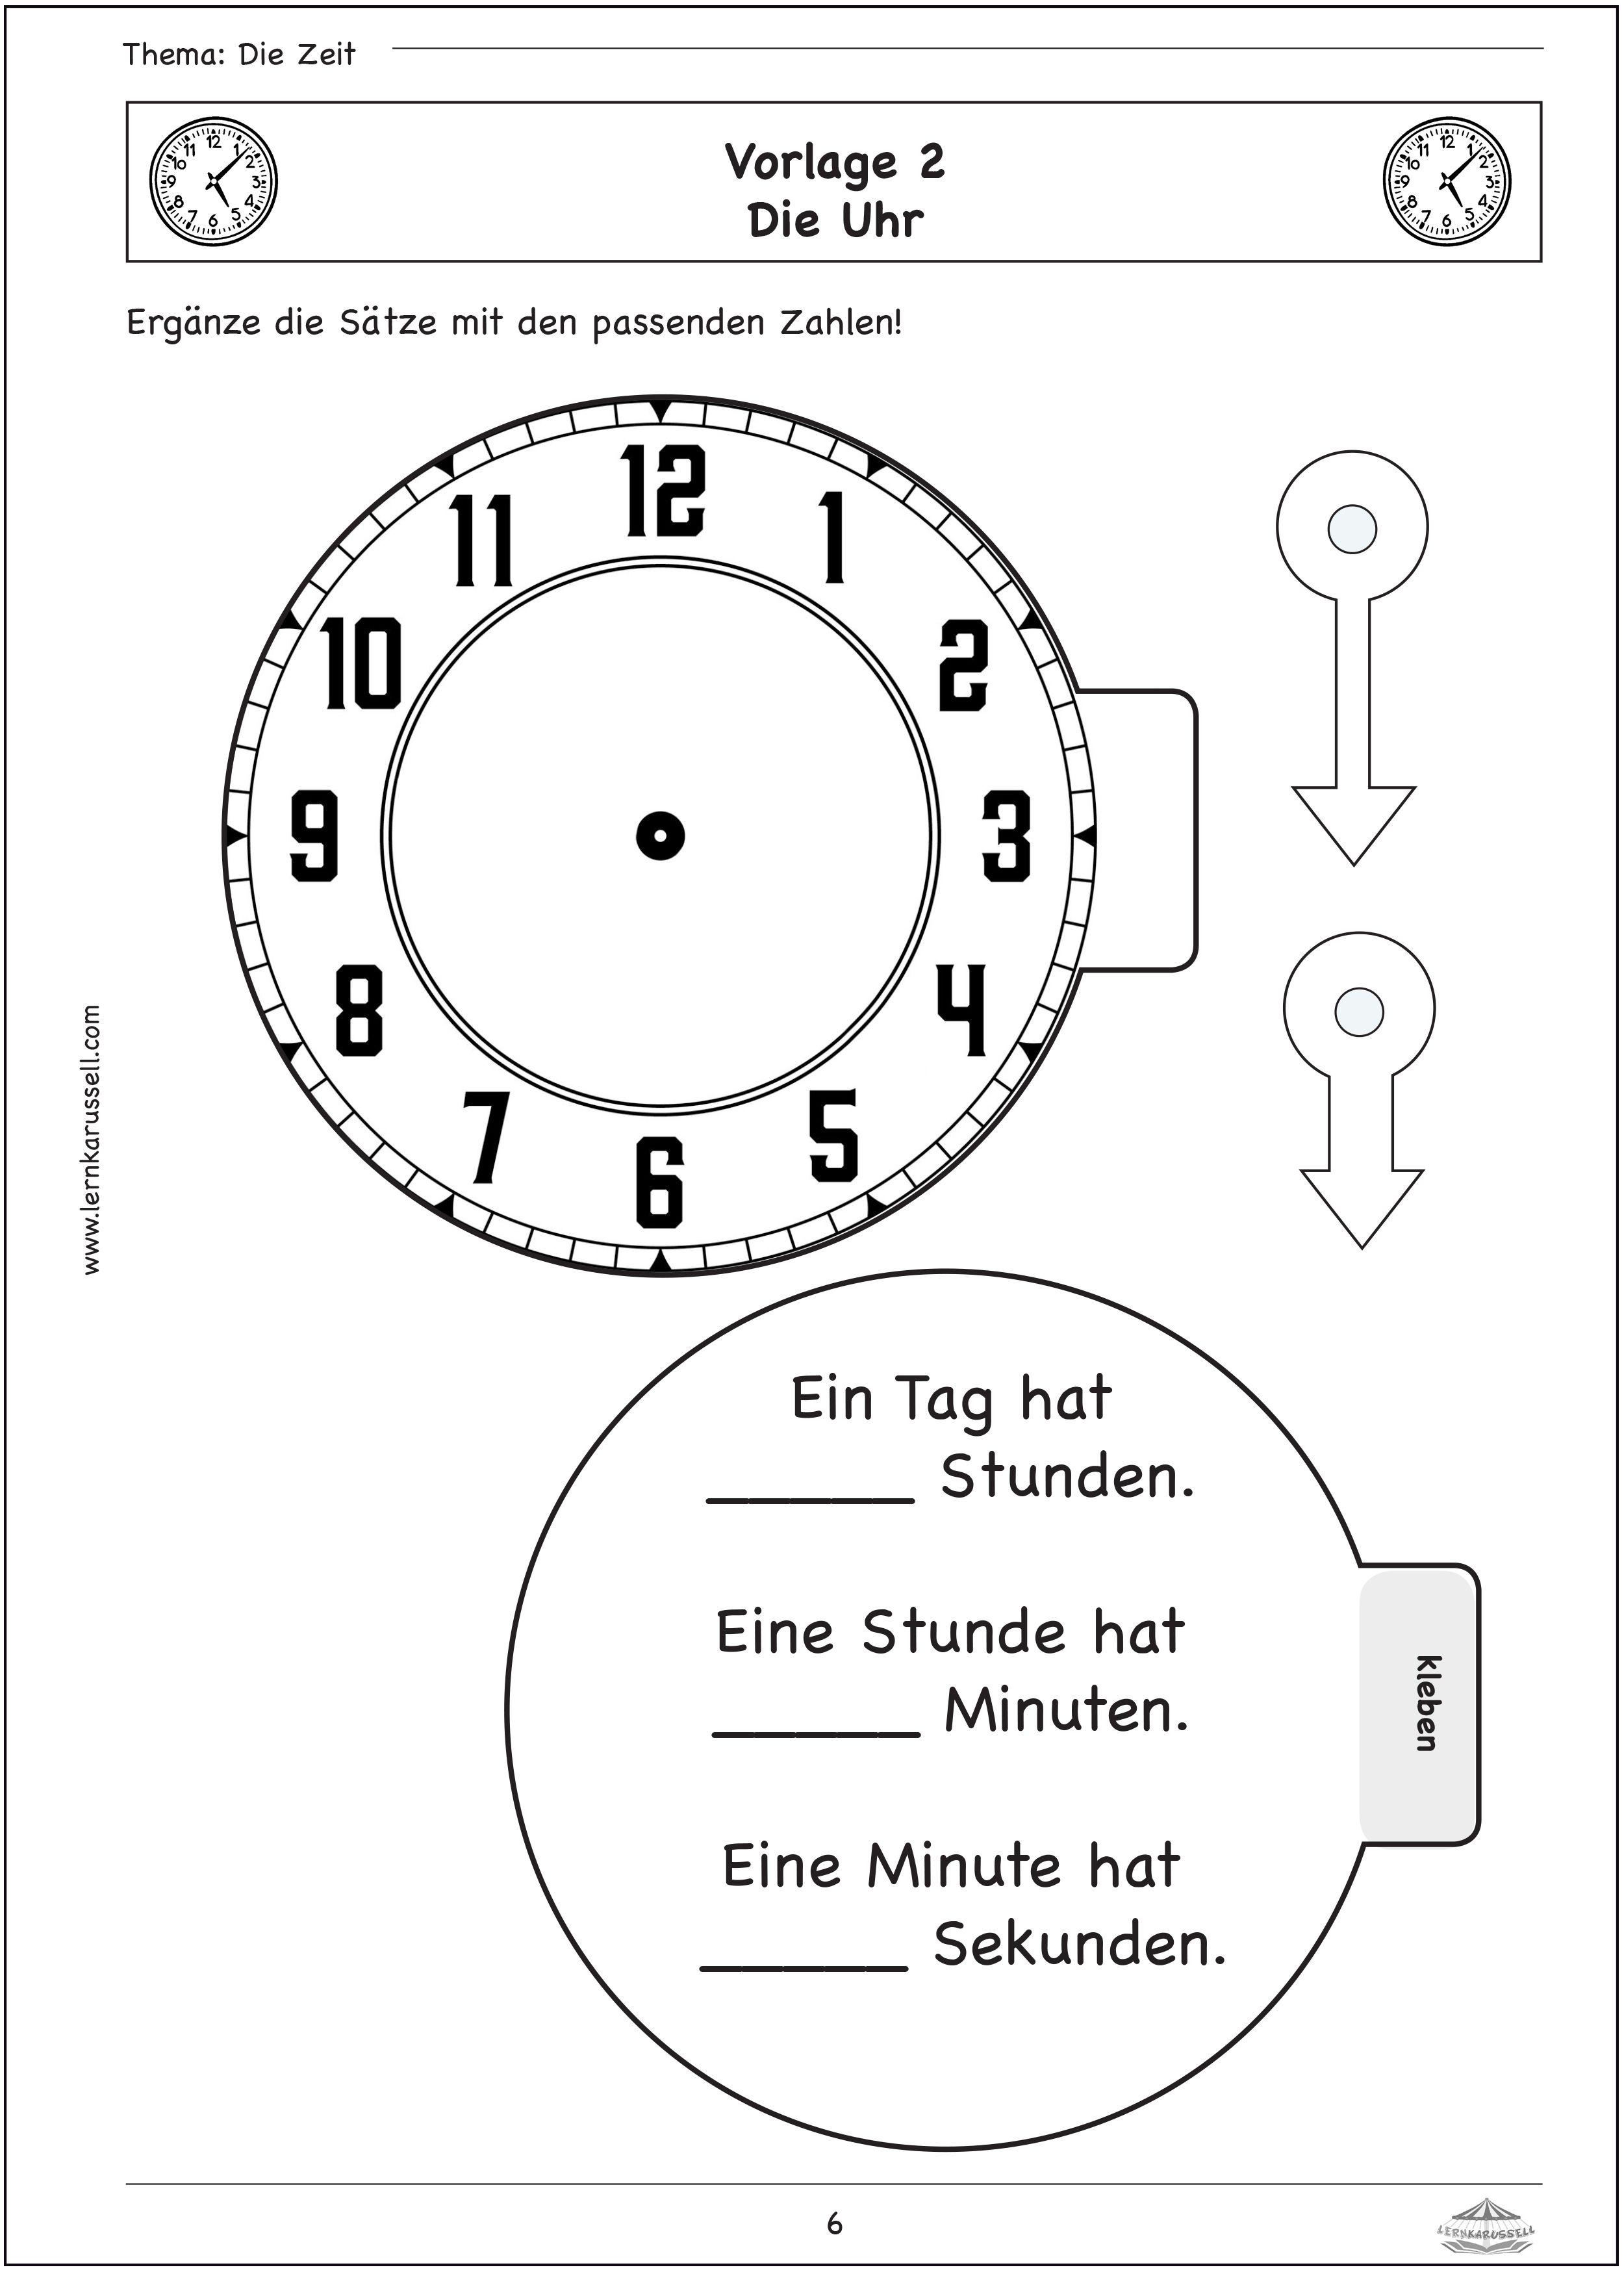 Lapbook Vorlagen Zeit   Lapbook vorlagen, Lernheft, Vorlagen